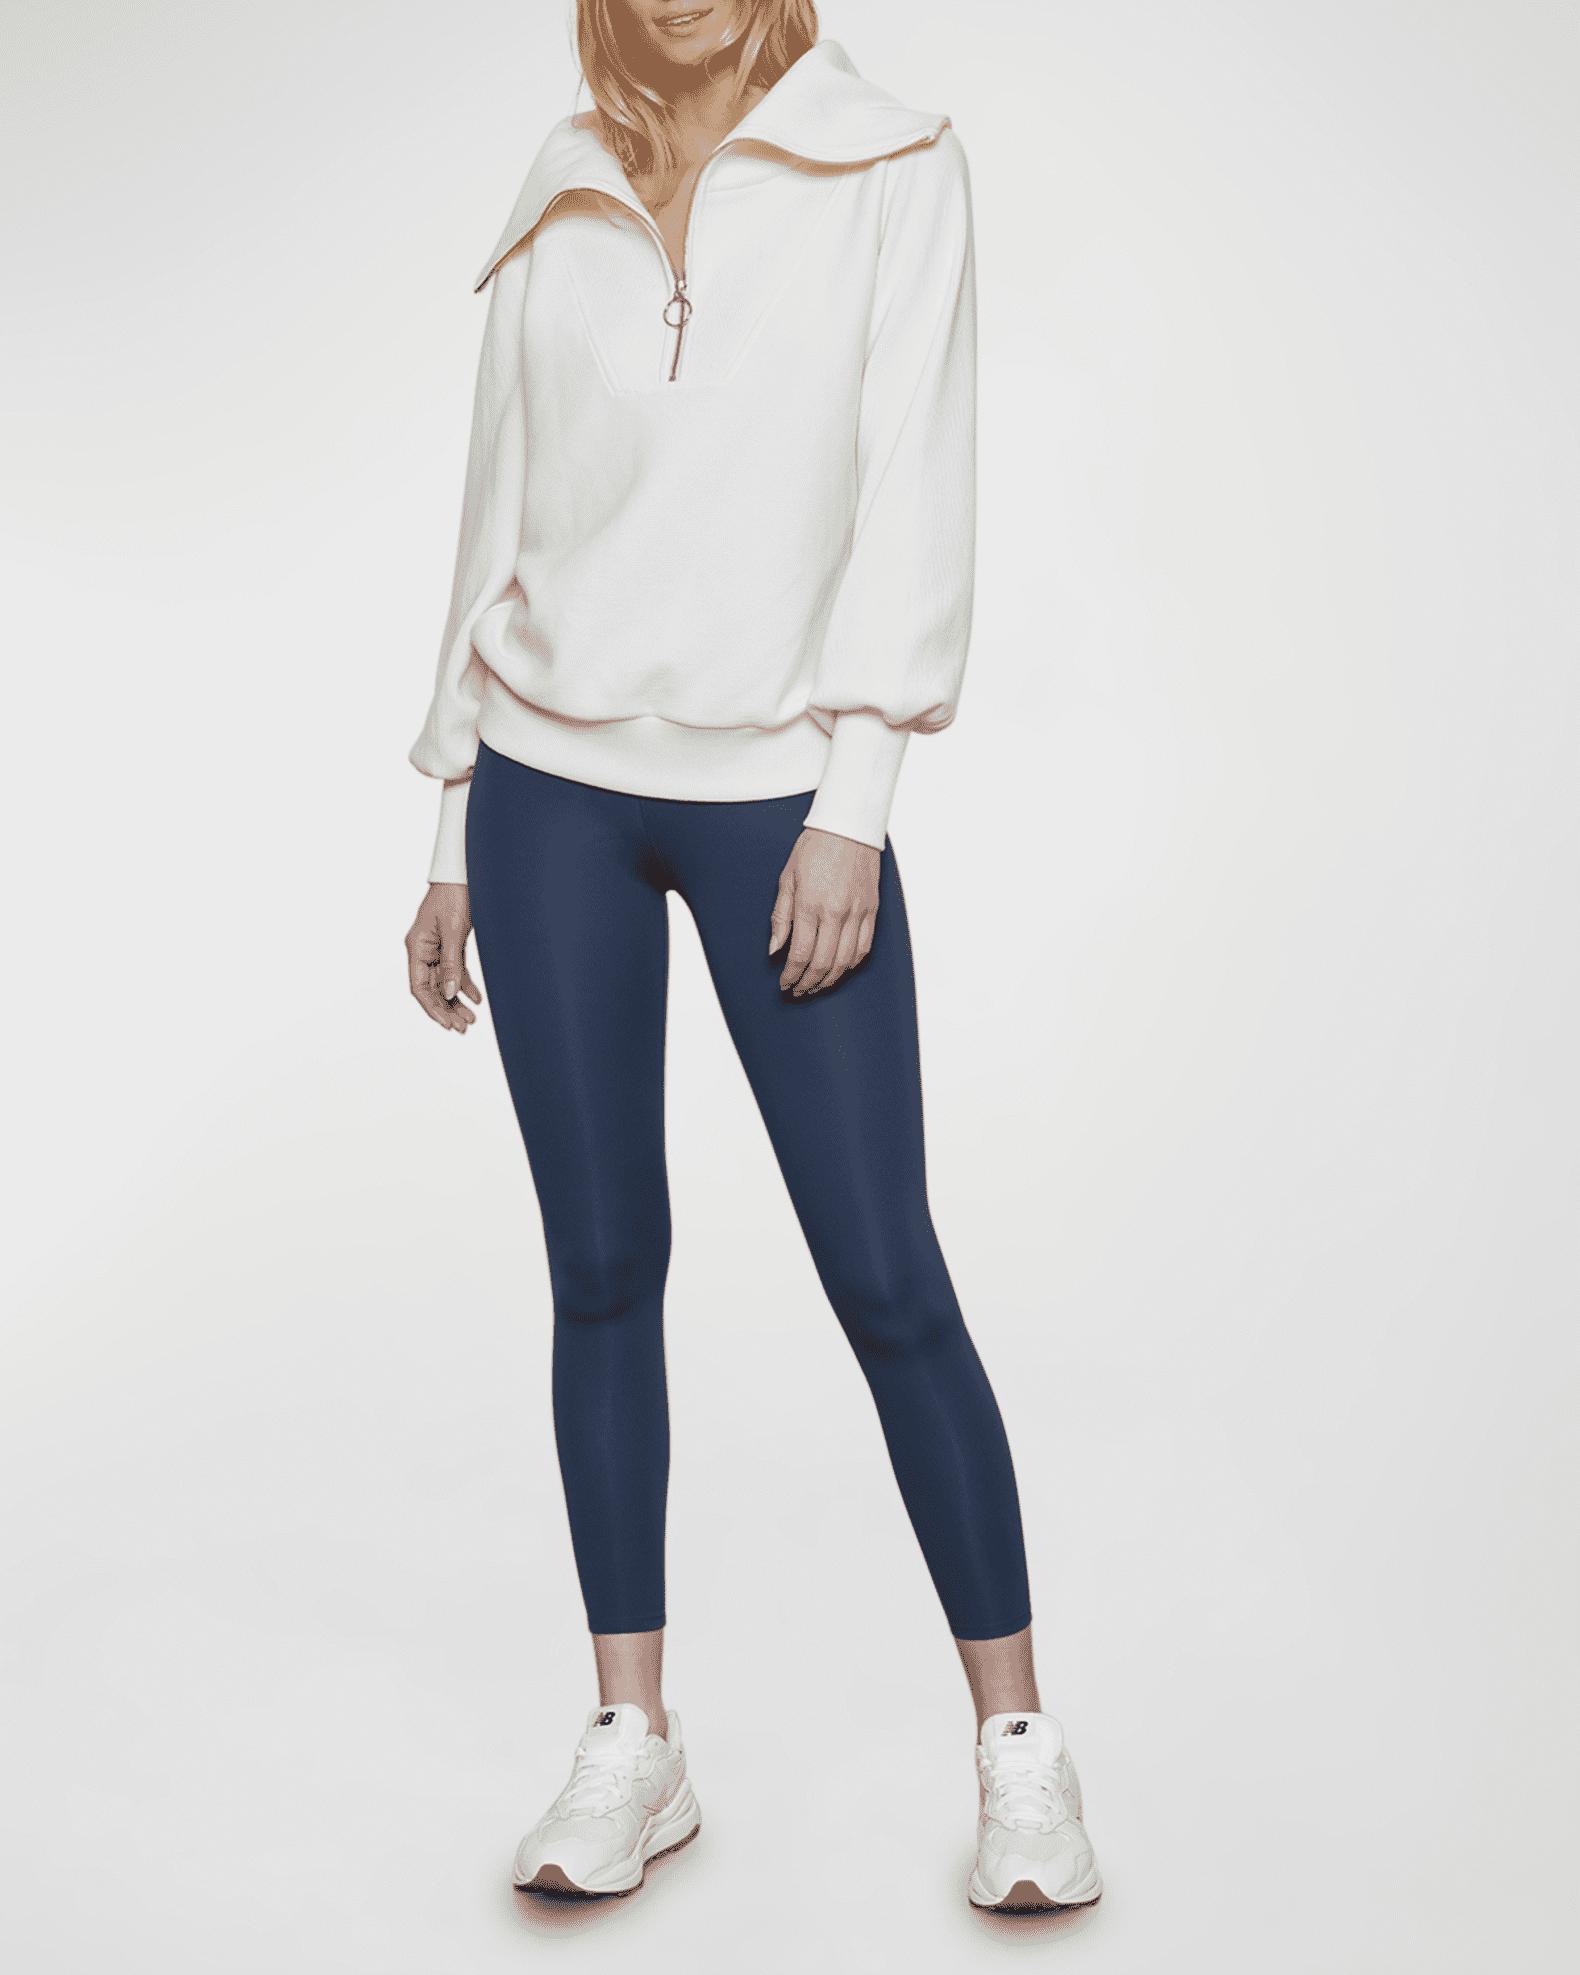 Varley Vine Oversized 1/2-Zip Pullover Sweatshirt | Neiman Marcus